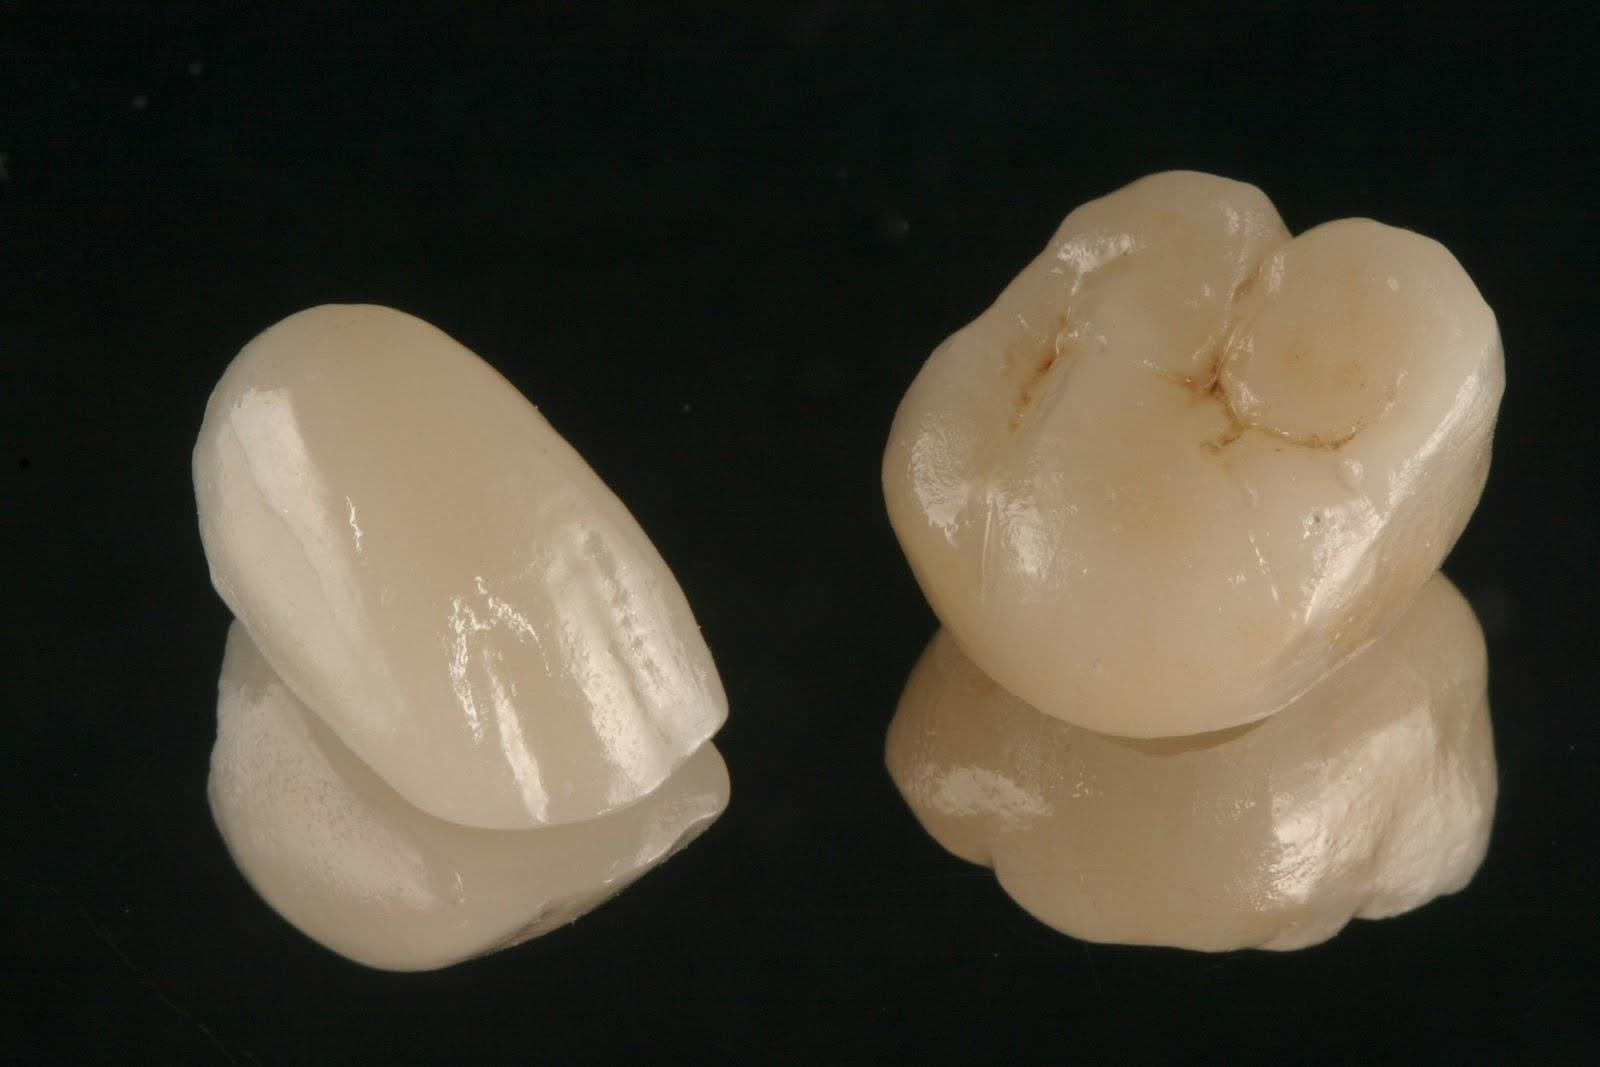 Blog odontolog a sin chorradas for Que es ceramica